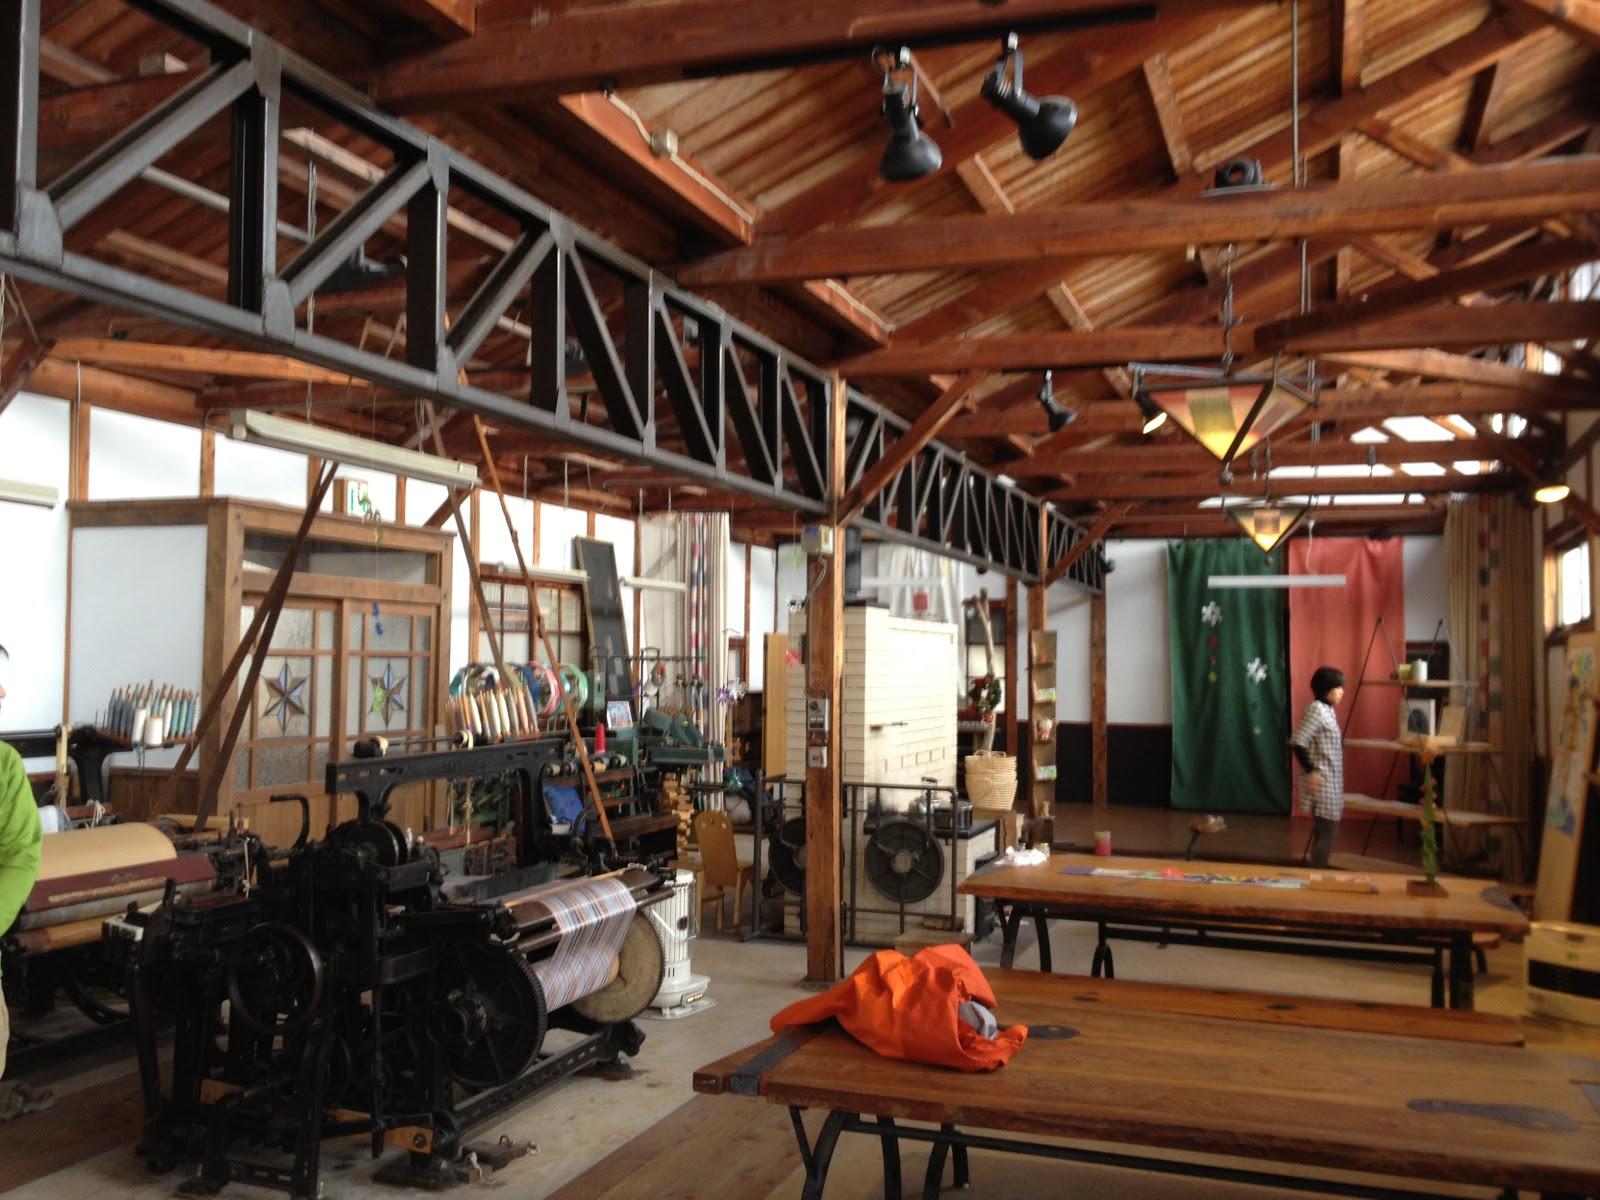 ファブリカ村 : 【滋賀】びわ湖だけじゃない、滋賀のすてきなカフェ・雑貨めぐり - NAVER まとめ